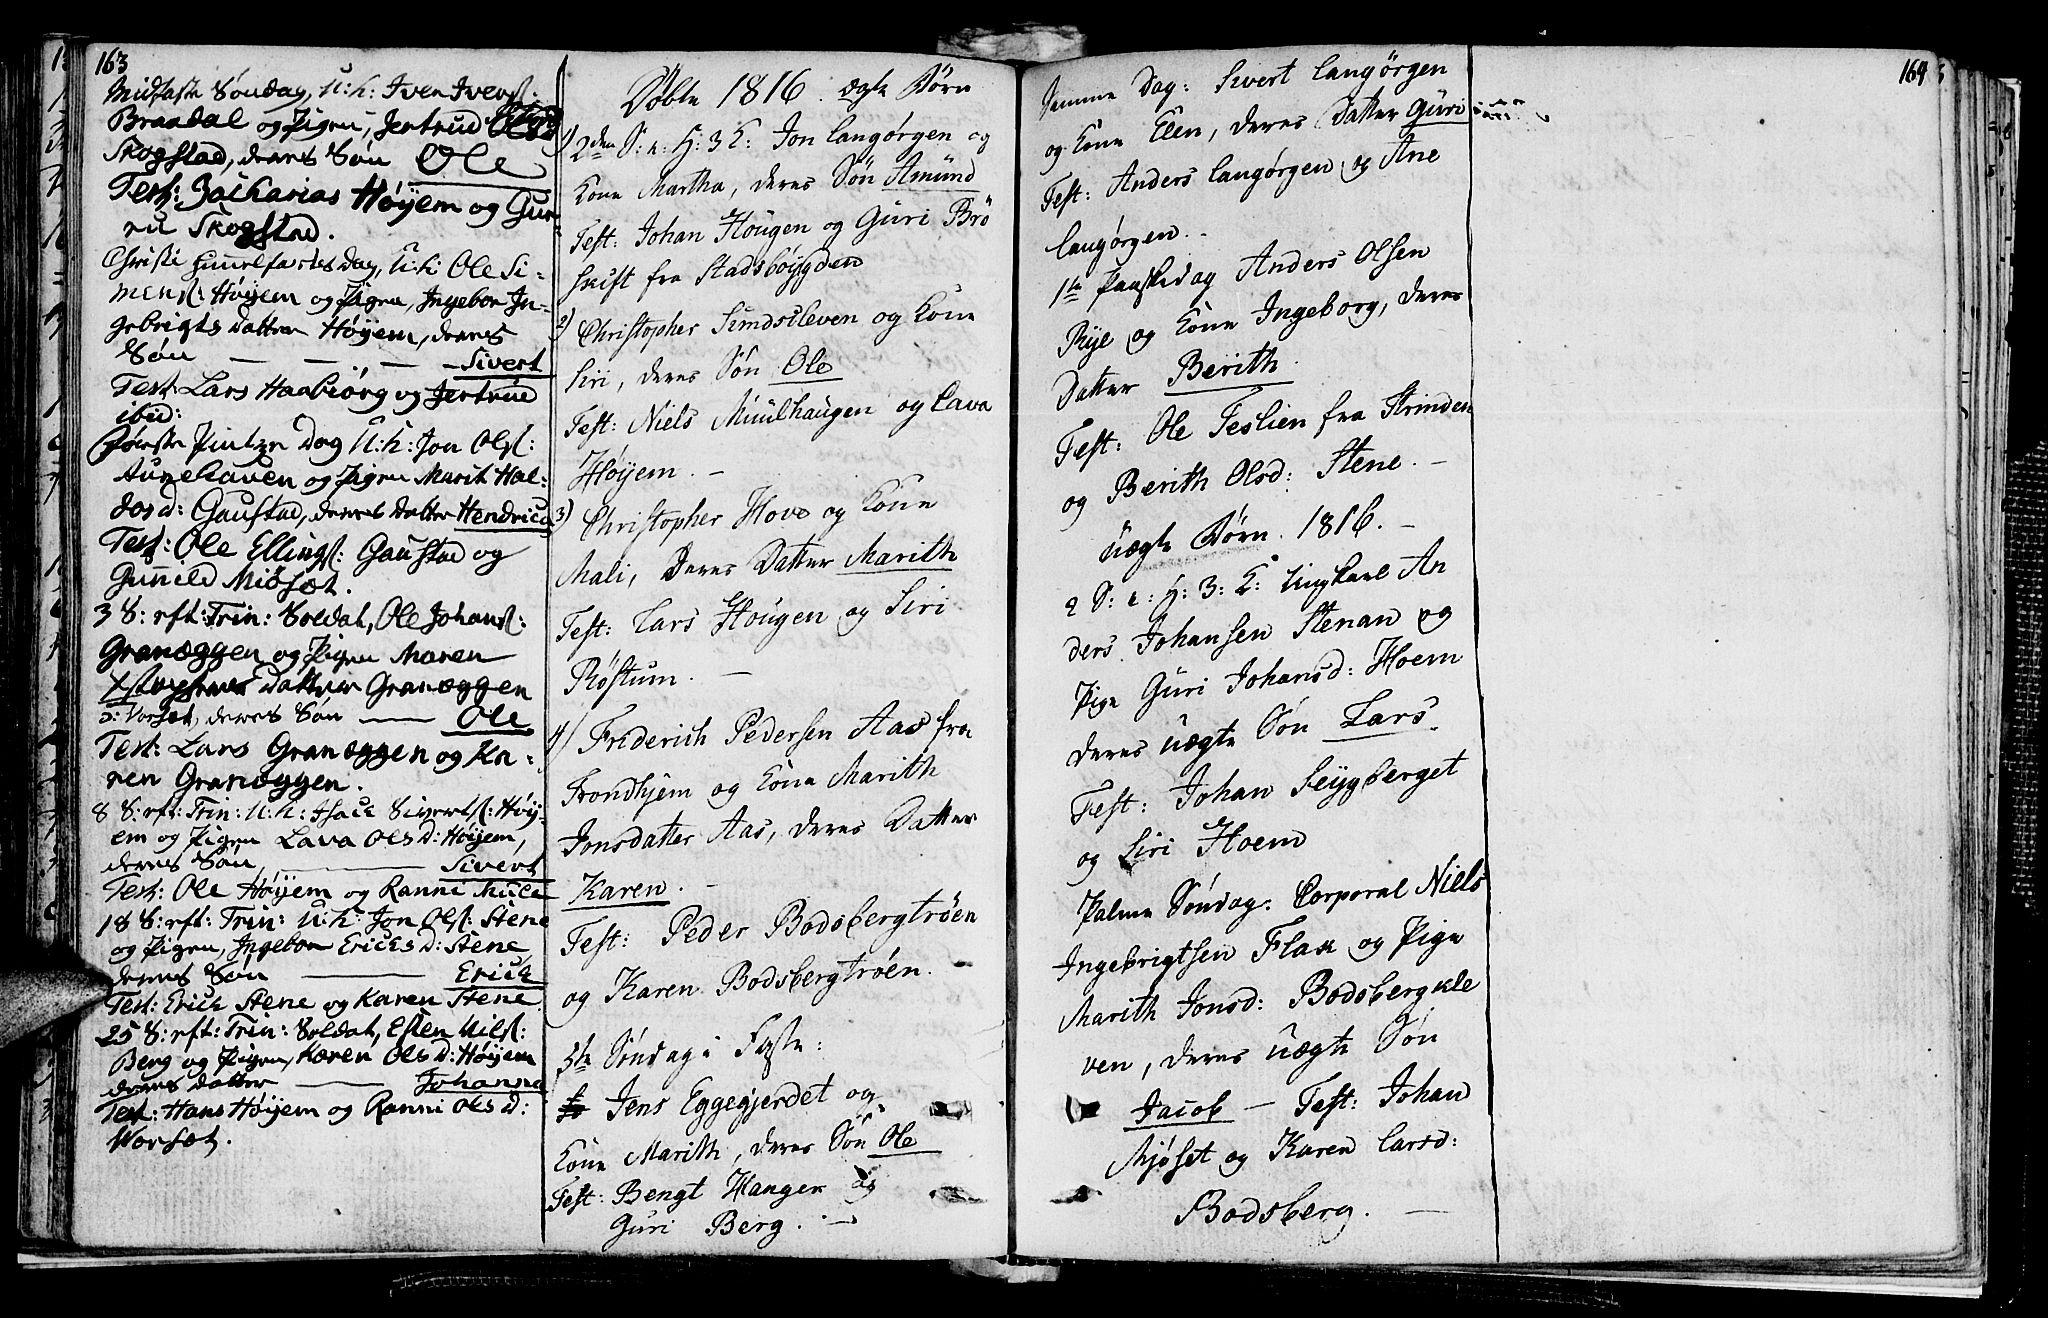 SAT, Ministerialprotokoller, klokkerbøker og fødselsregistre - Sør-Trøndelag, 612/L0371: Ministerialbok nr. 612A05, 1803-1816, s. 163-164